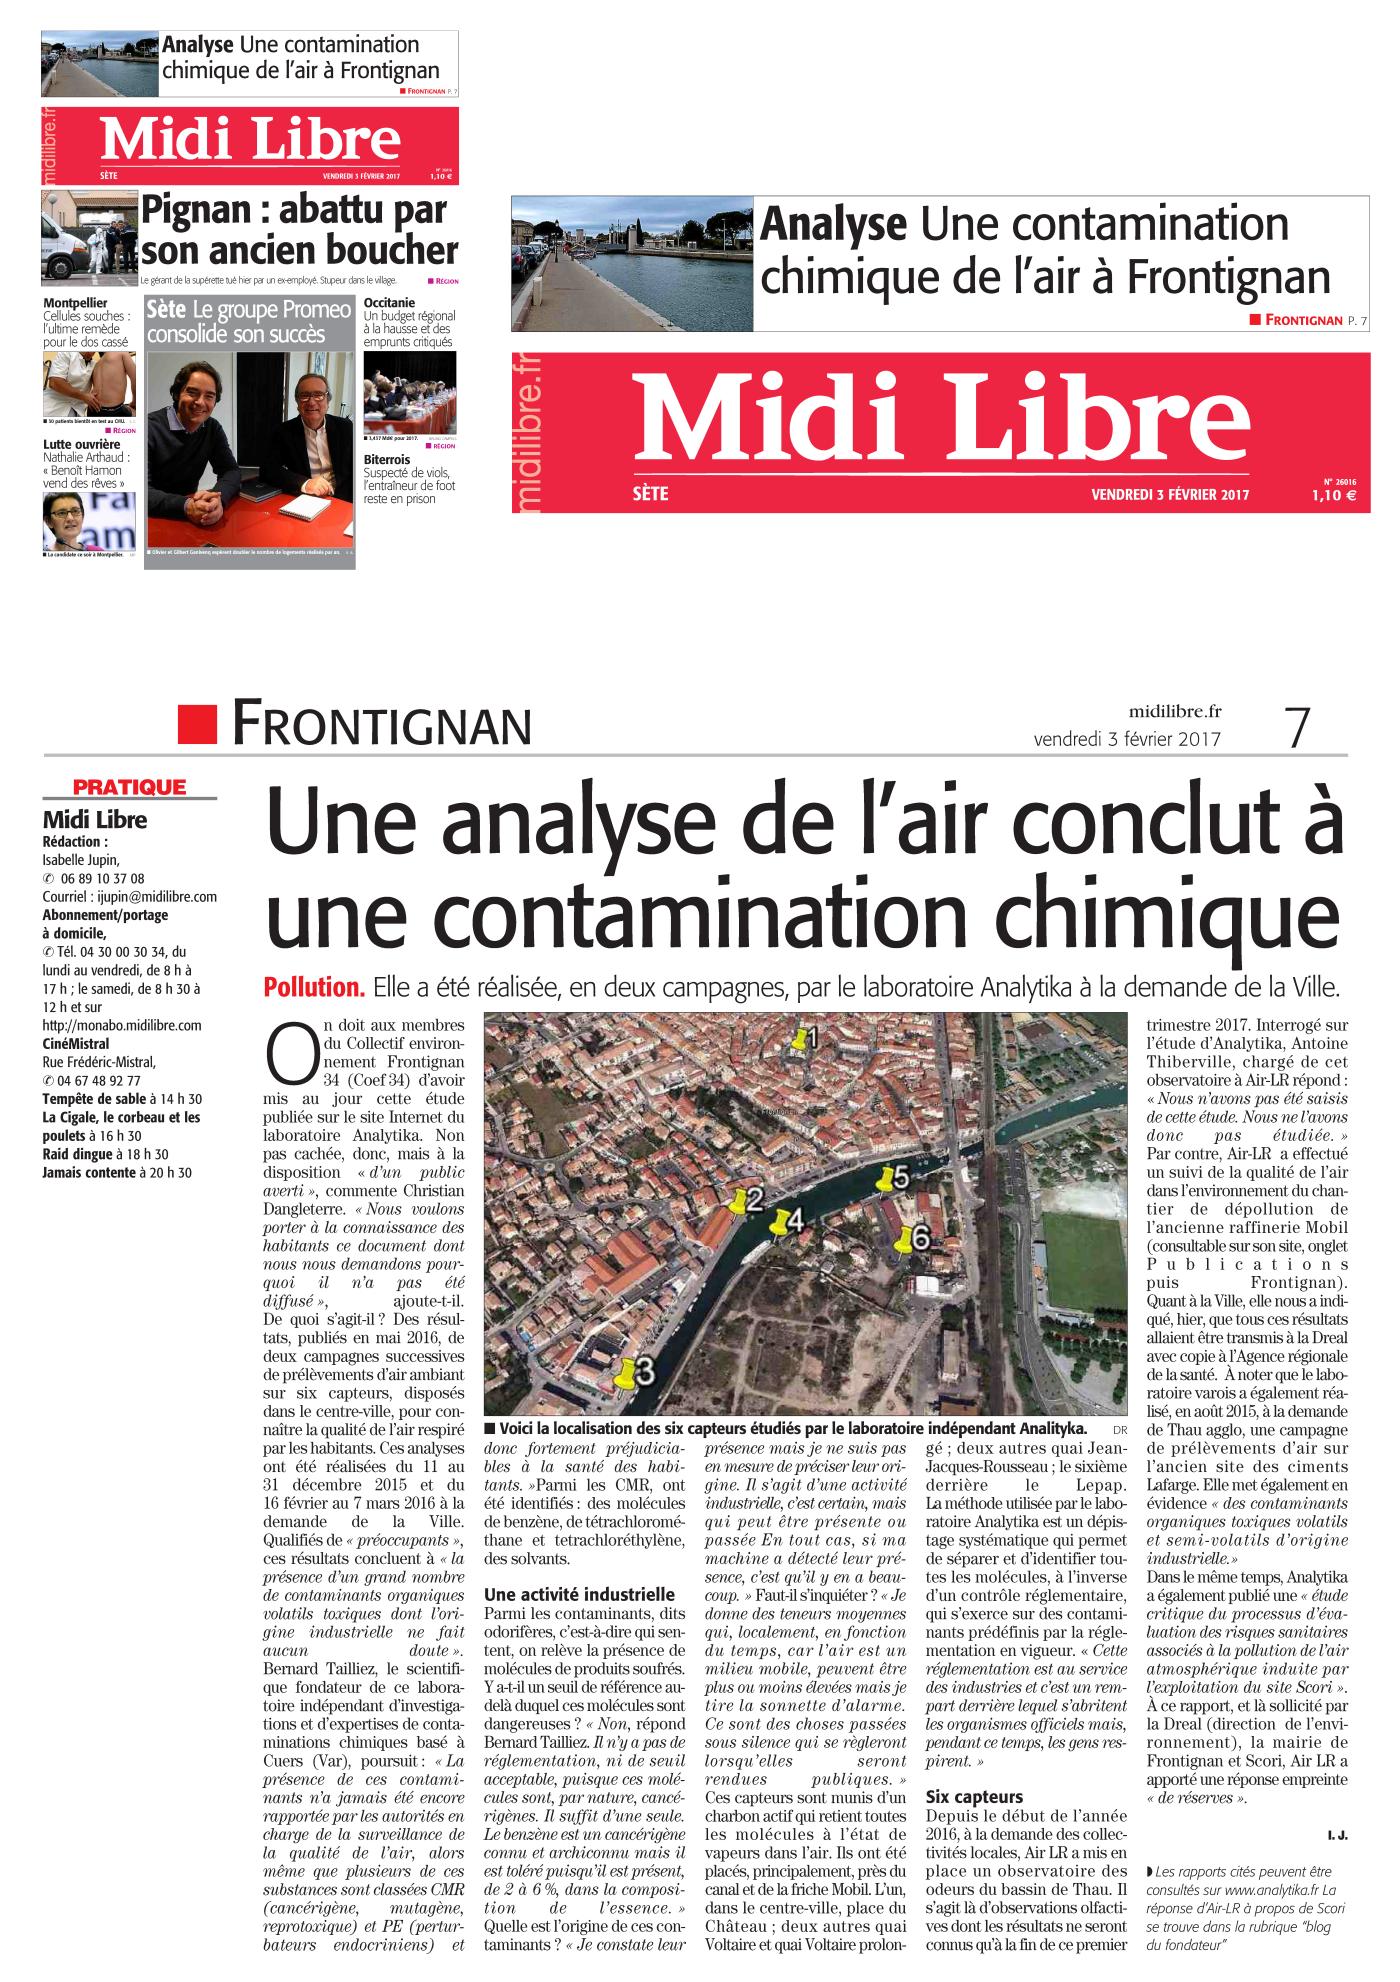 """03 FEVRIER 2017 > MIDI-LIBRE : """"Hérault : pollution toxique dans l'air de Frontignan"""""""